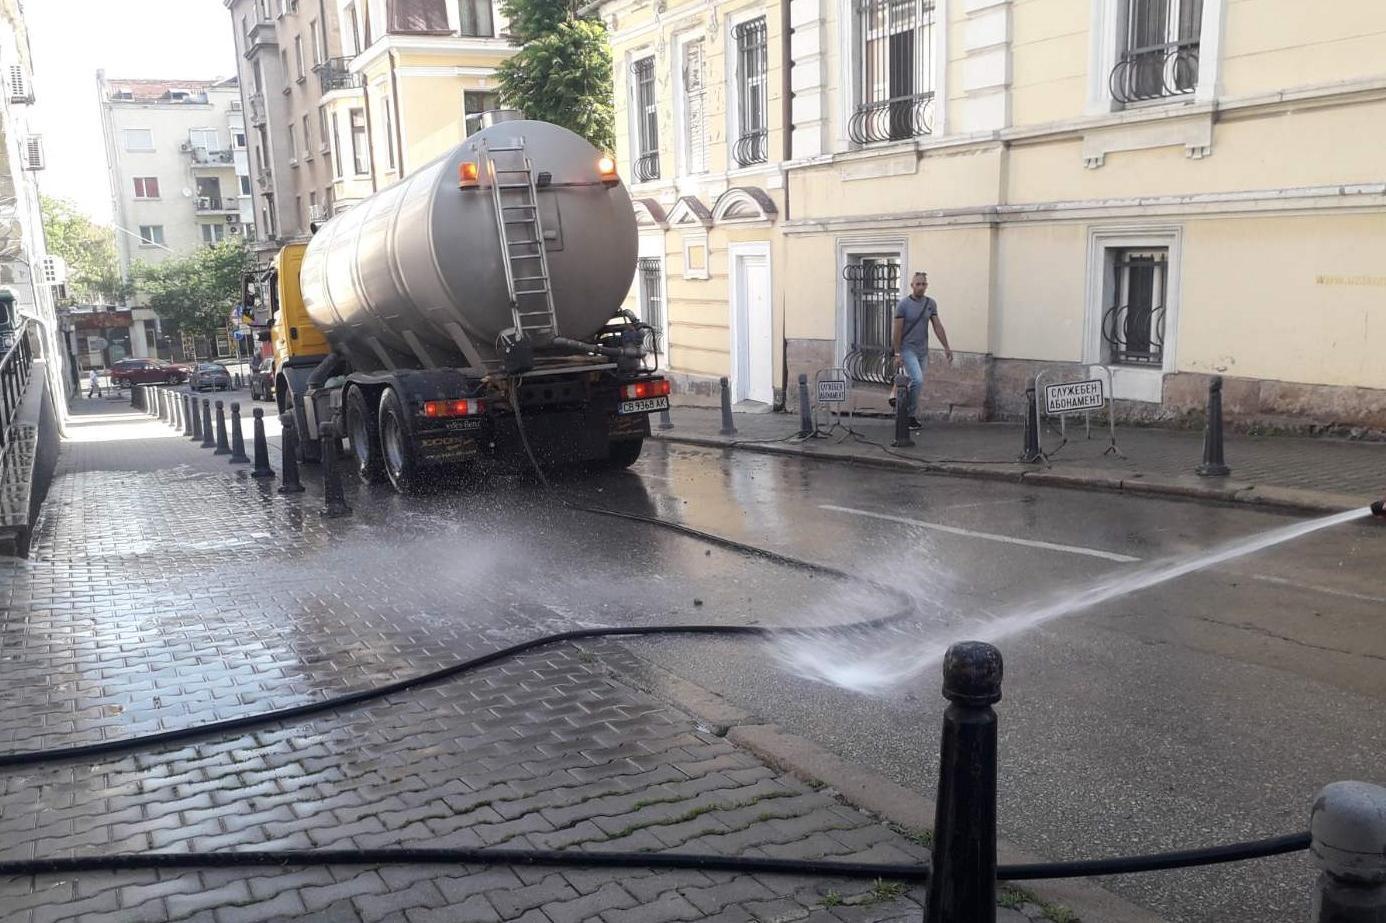 Заради очакваните сериозни жеги: Оросяват улици и булеварди в София, на три